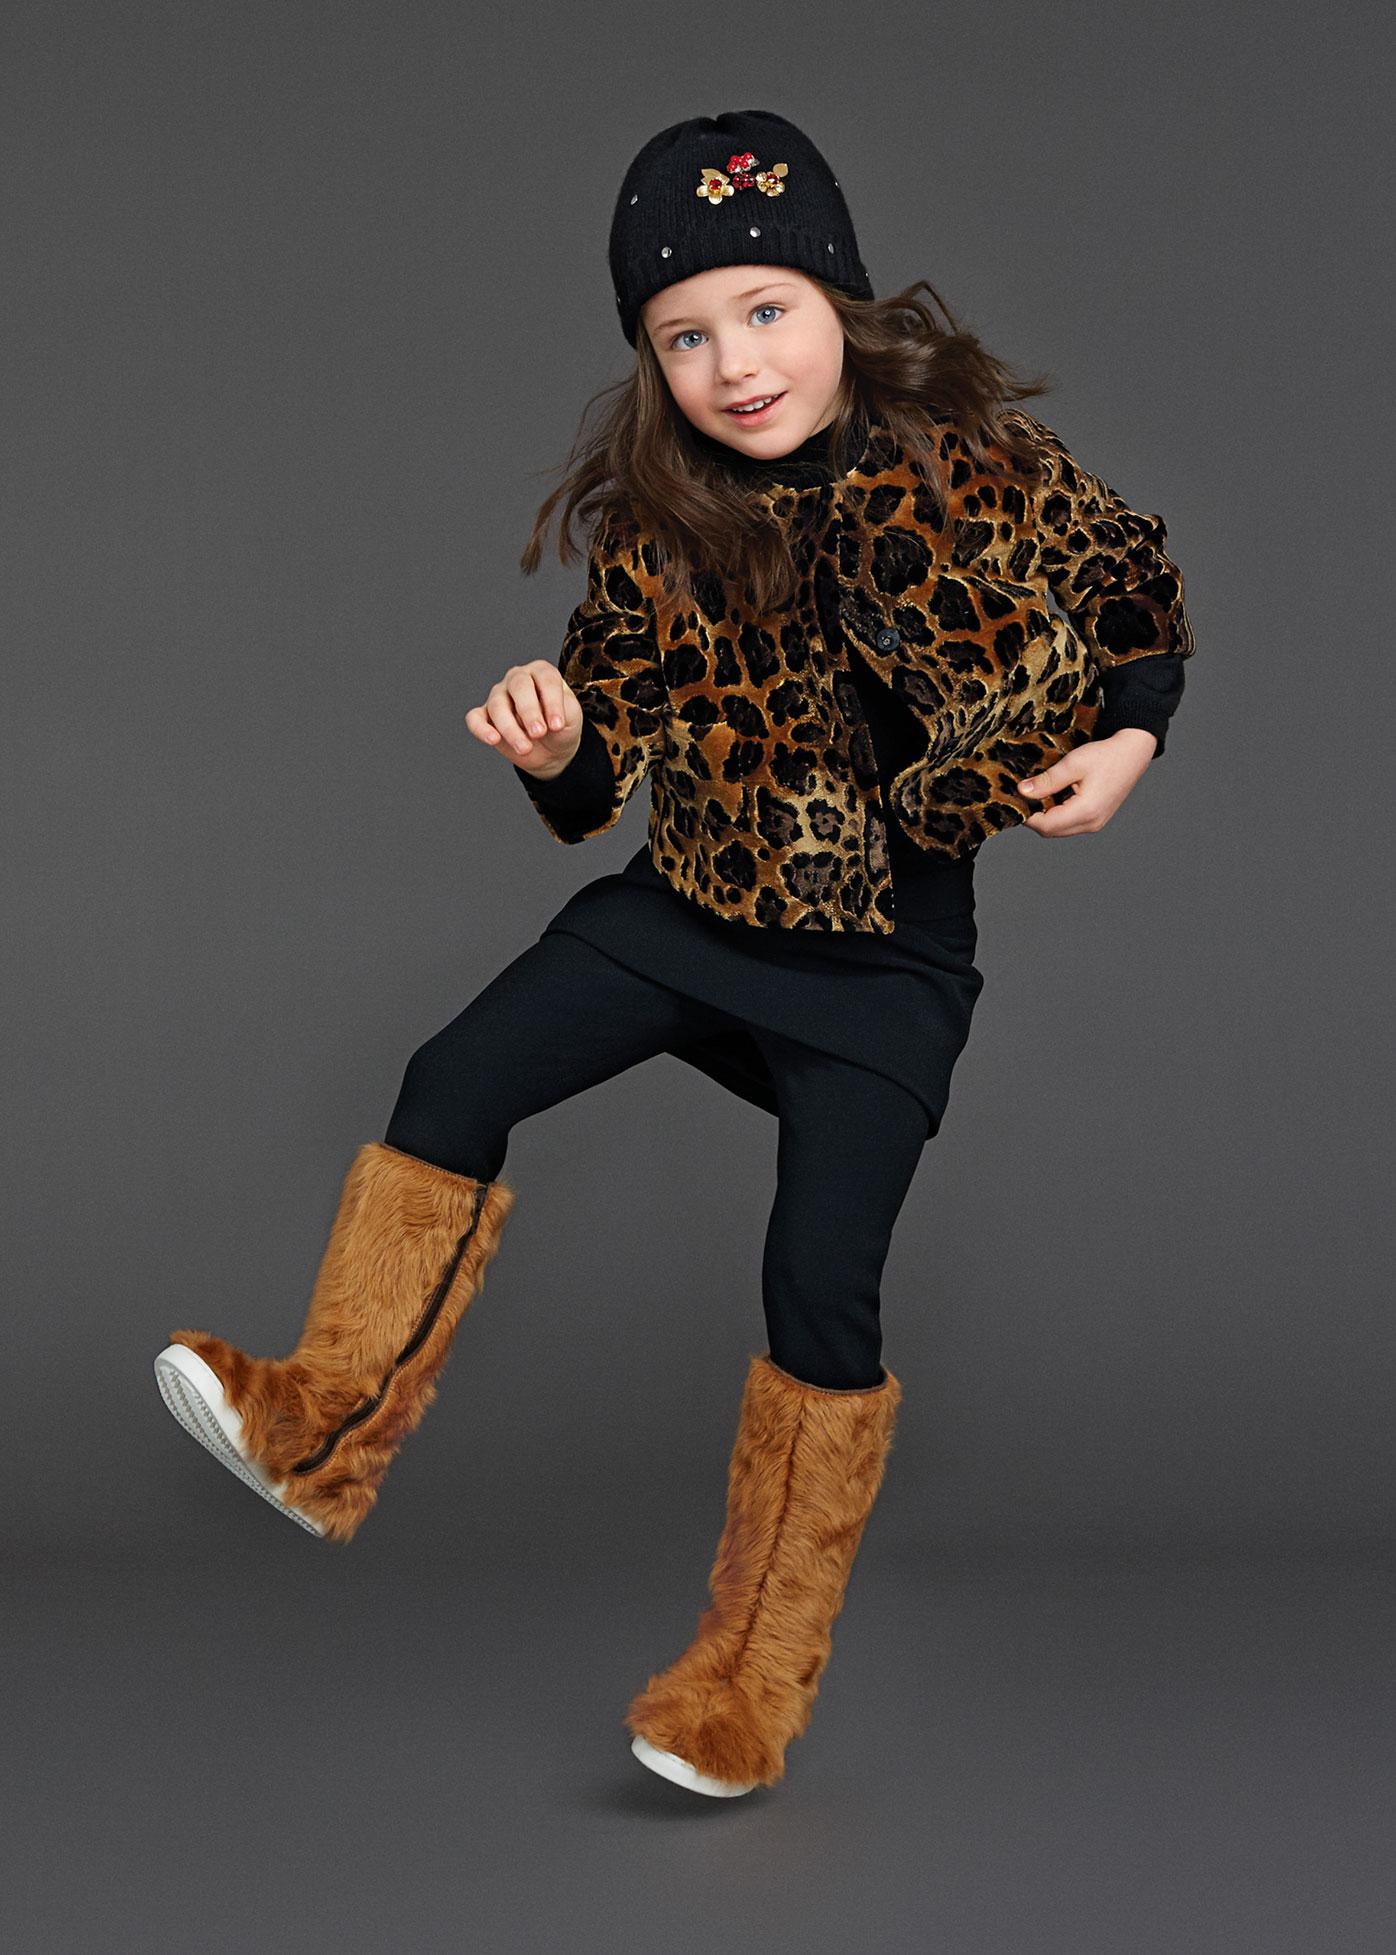 مدل لباس دختر بچه پاییز و زمستان 4